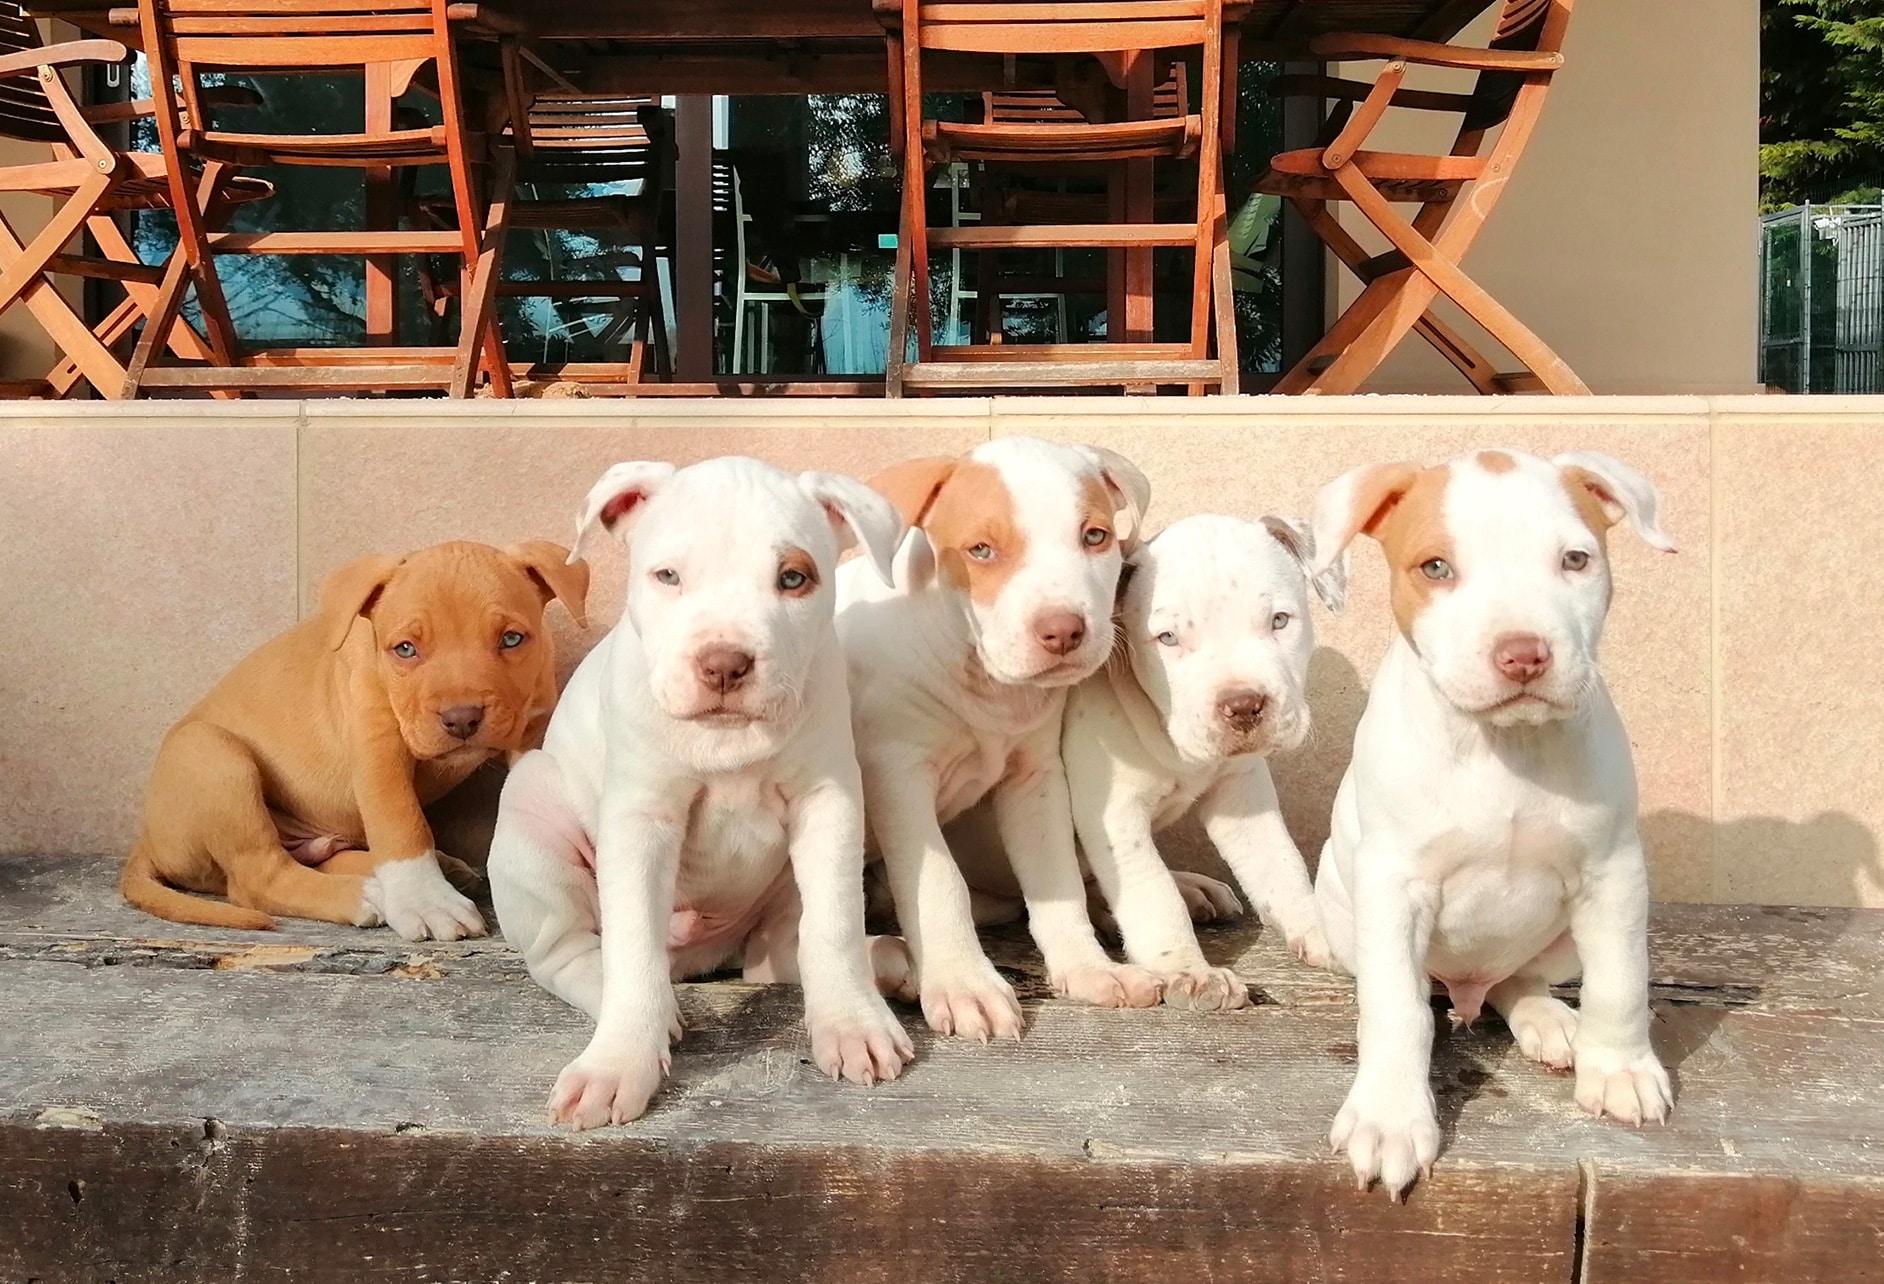 cuccioli pitbull seduti, 5 cuccioli, 4 bianchi e uno marrone chiaro